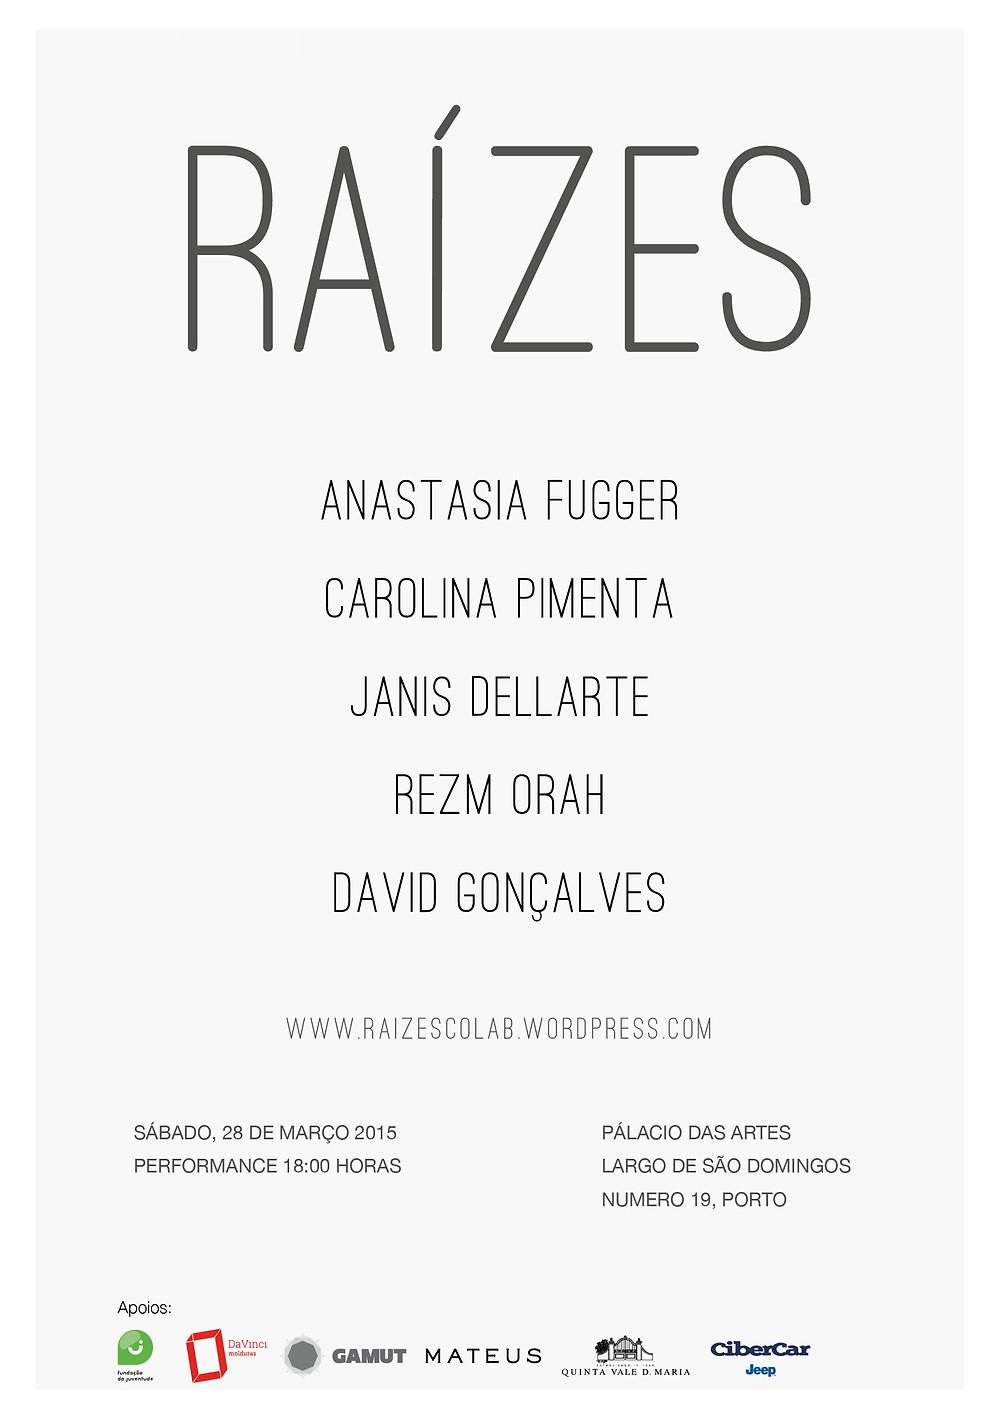 Razies - CONVITE - 2.jpg